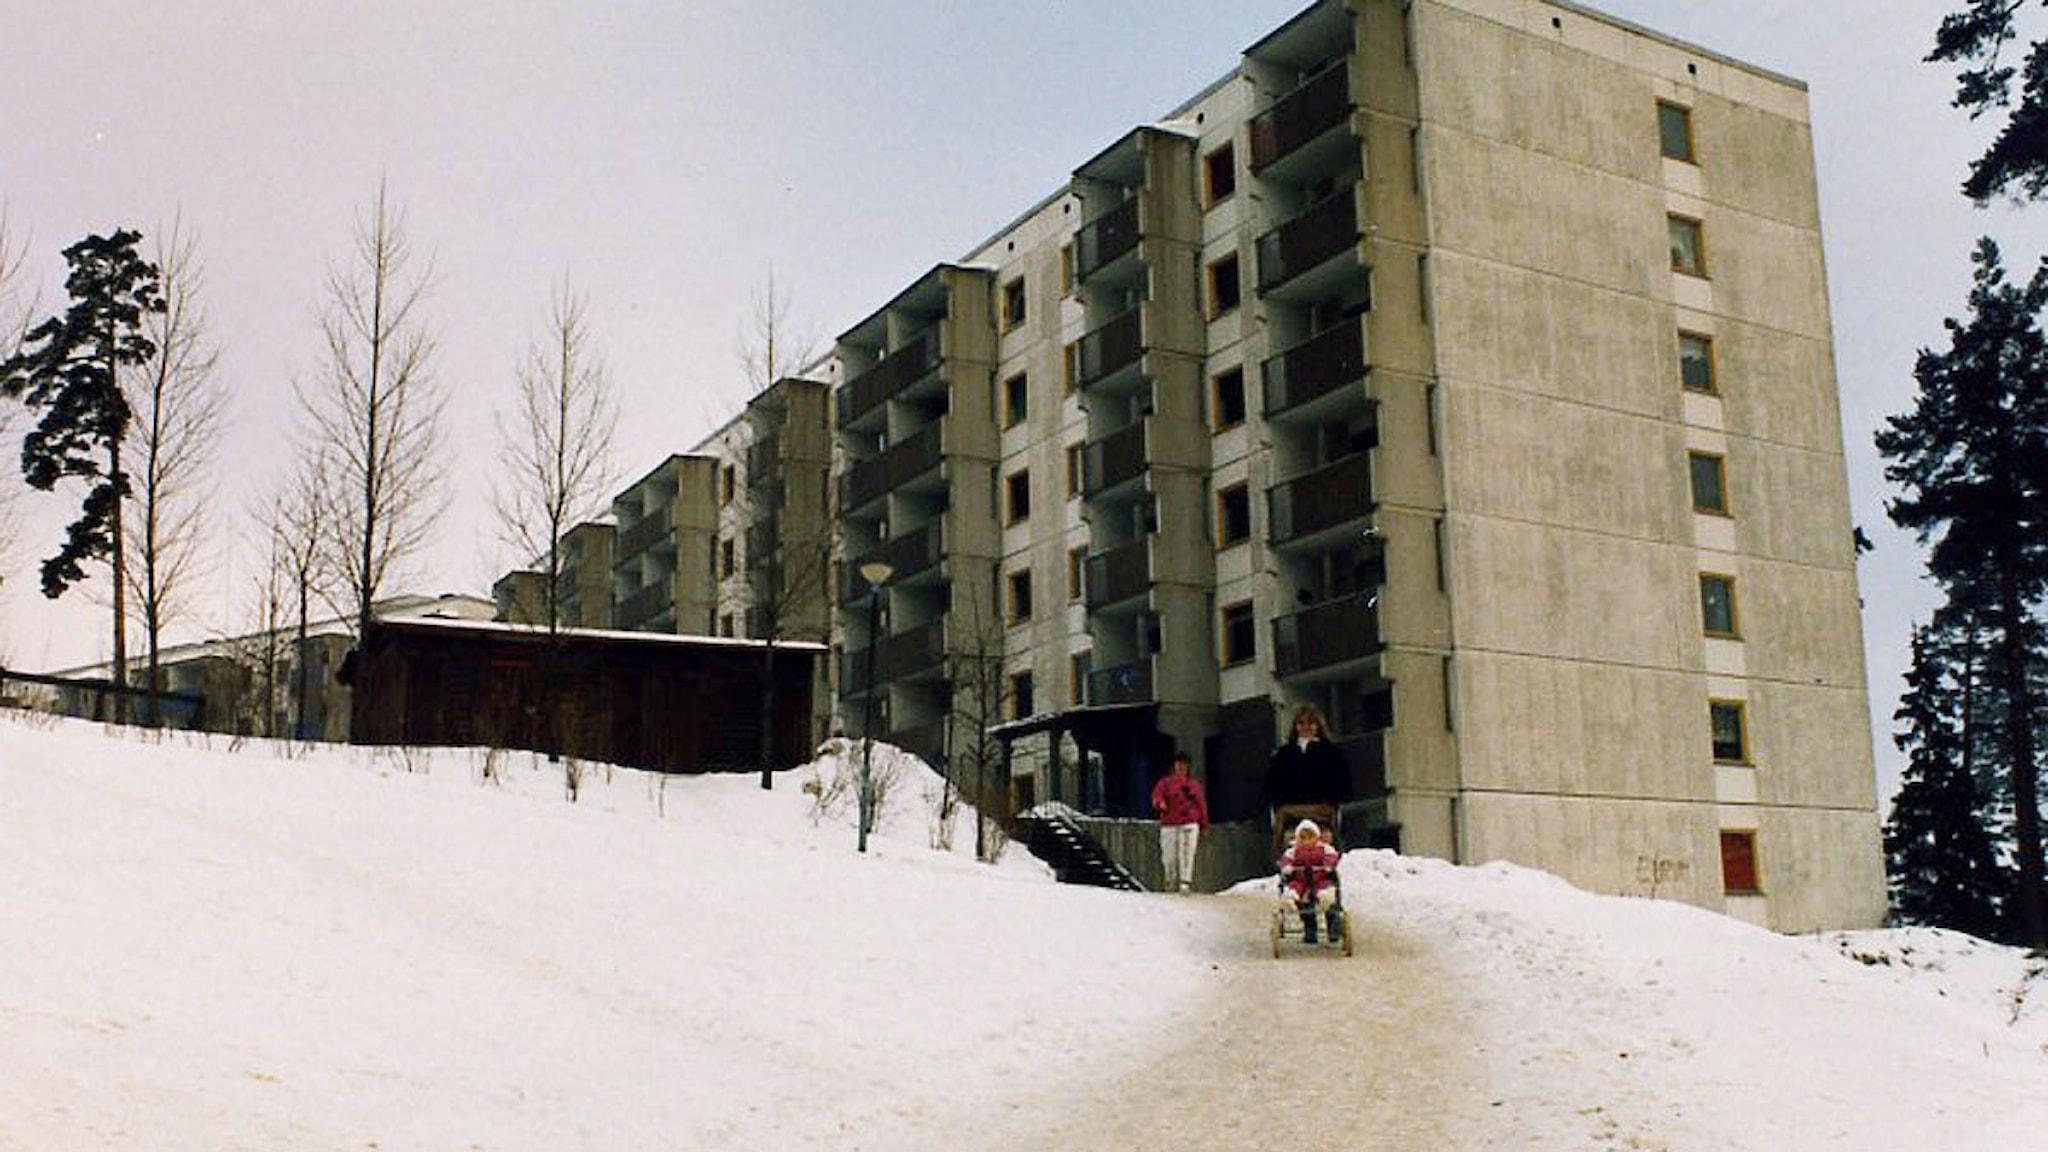 Vita husen i Saltskog före upprustningen. Foto: Telgebostäder